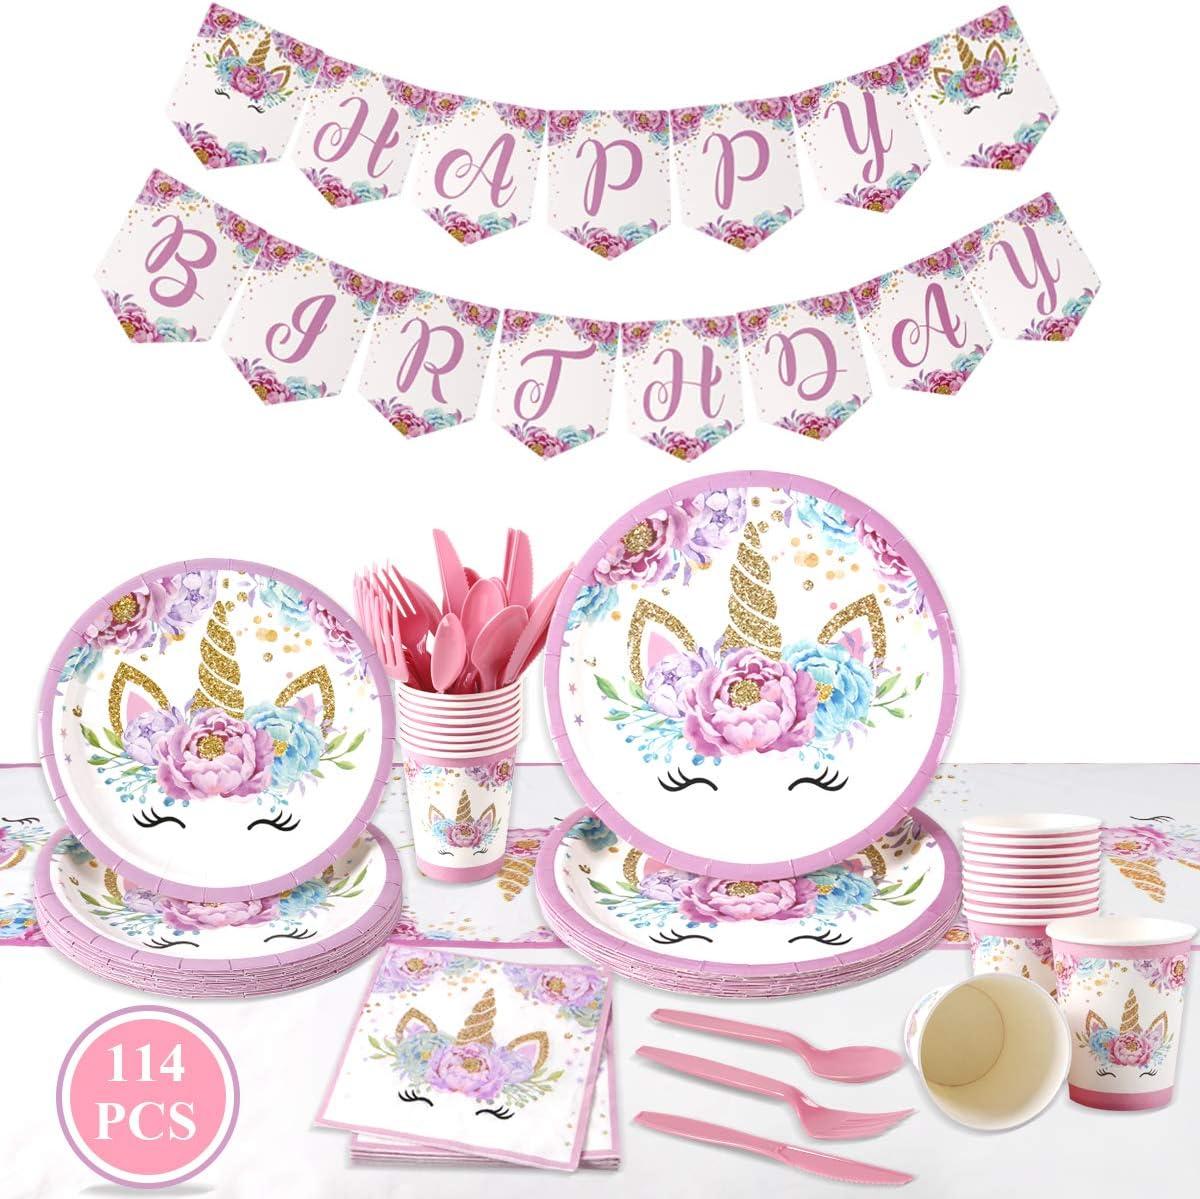 114pcs Unicorn Plate Cup Paper Towel Tablecloth Premium Set Party DIY Decor